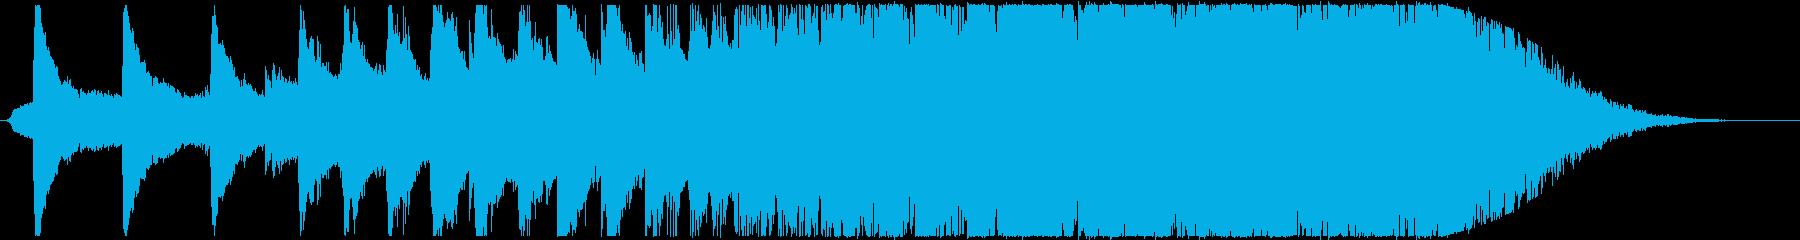 エンドロールの再生済みの波形